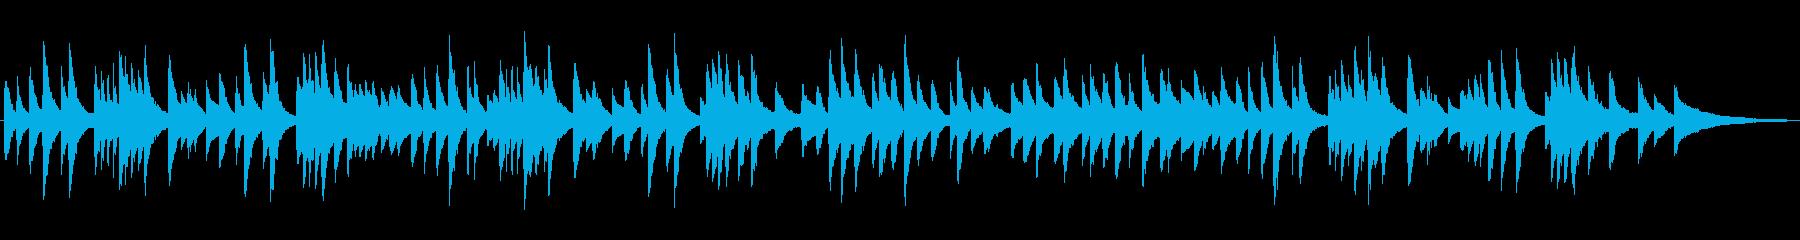 静かなジャズラウンジピアノソロ/バラードの再生済みの波形